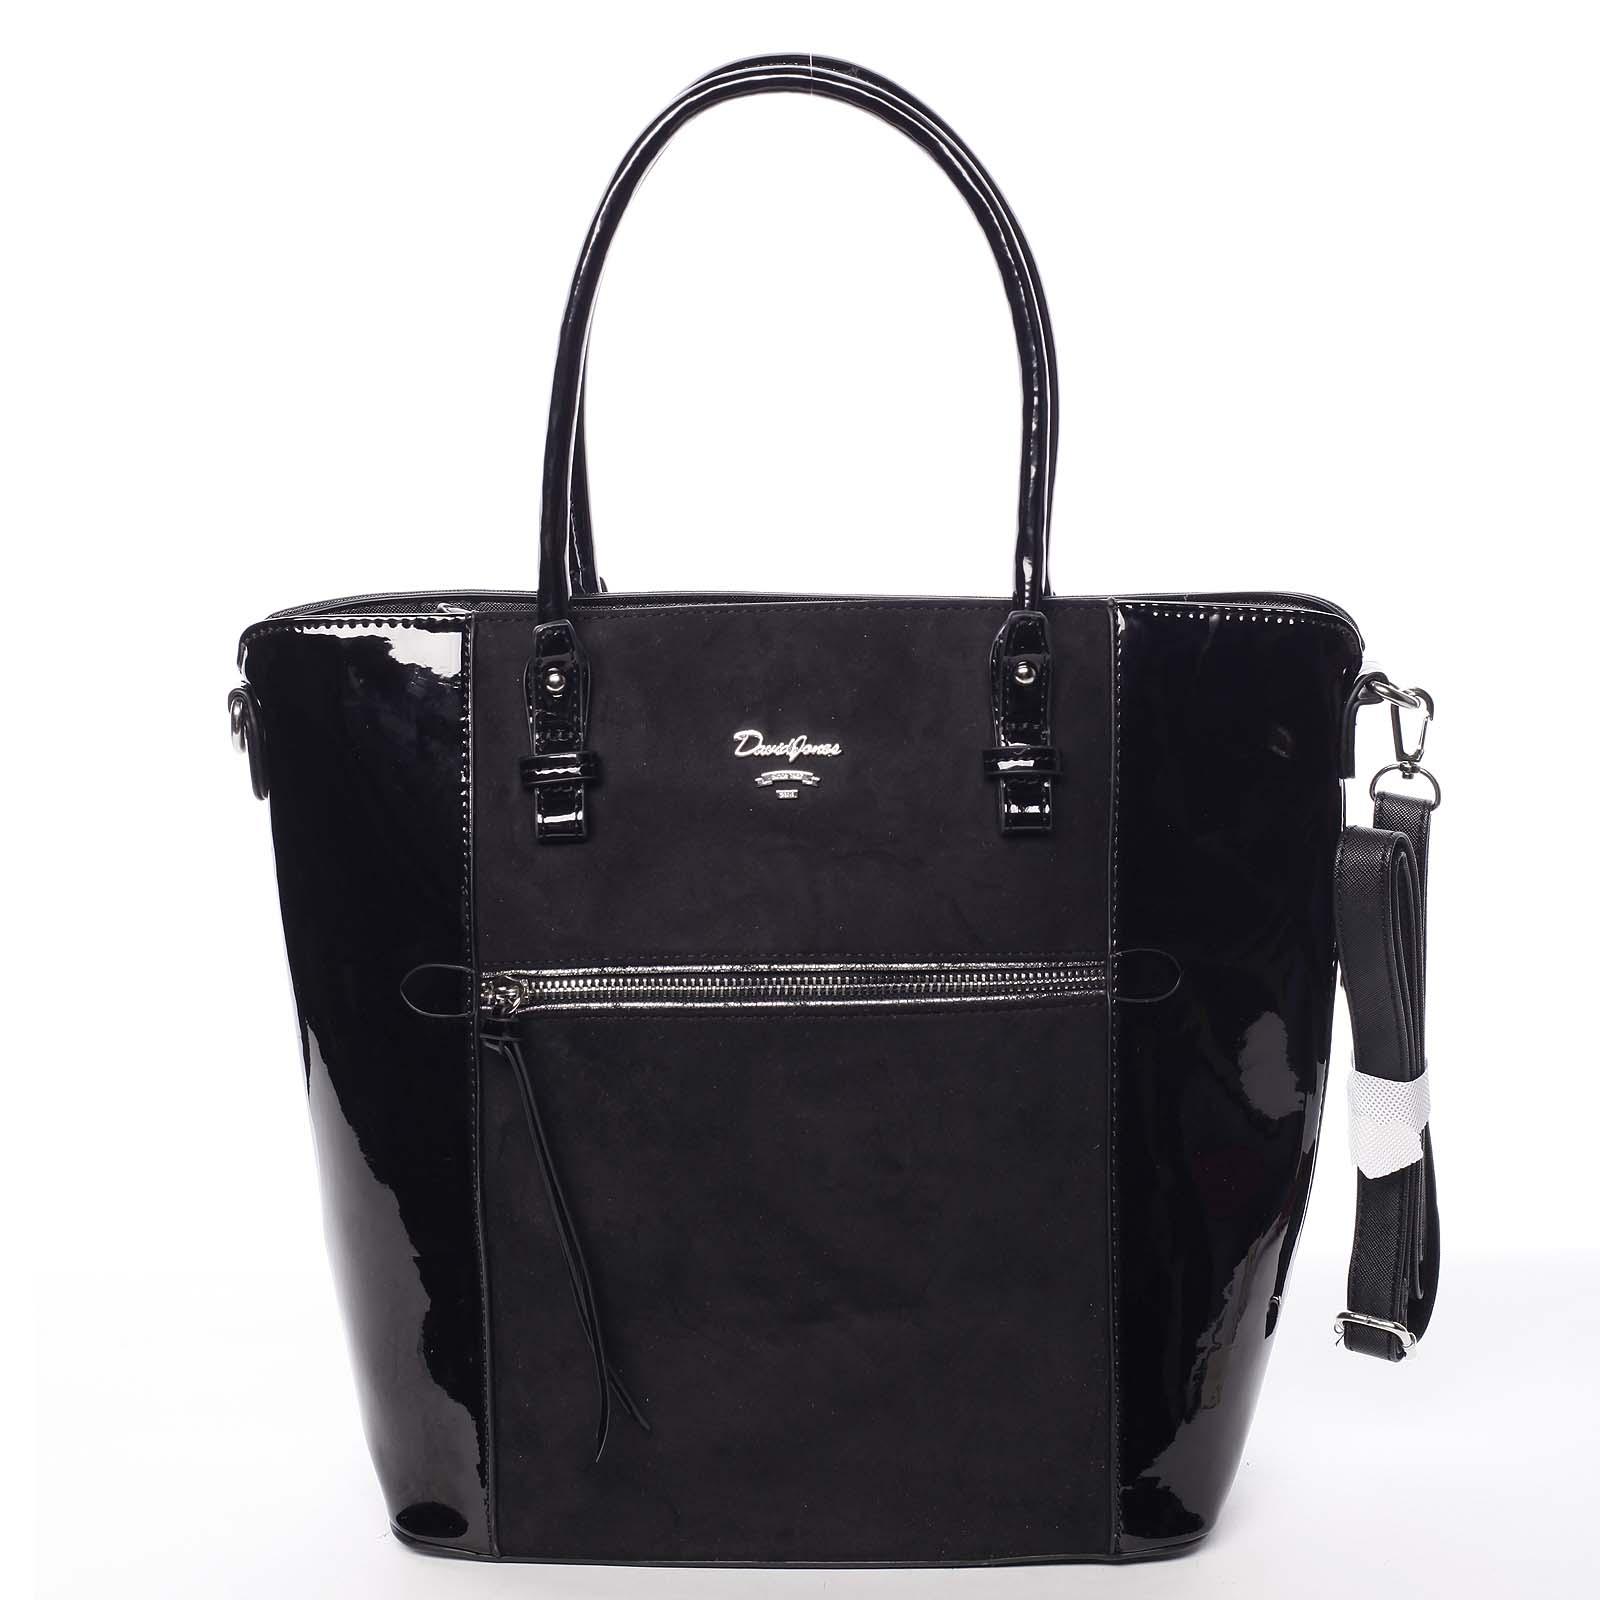 Velká černá luxusní pololakovaná kabelka přes rameno - David Jones Rayly